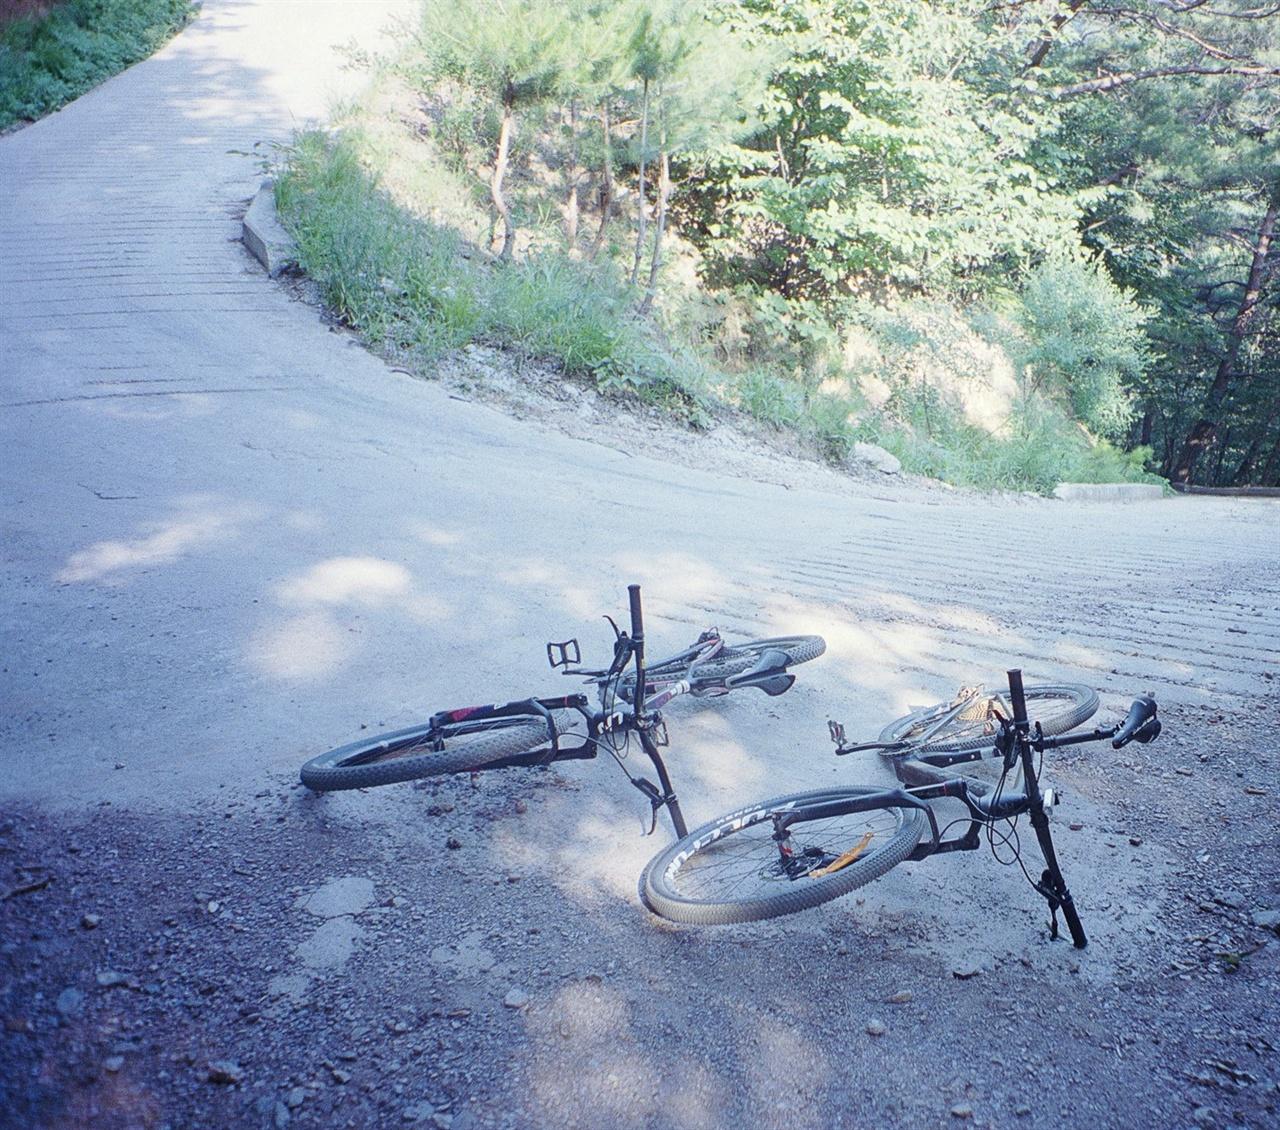 어라연길 (35mm/Portra400) 걷기를 마치고 다시 이 길을 오를 때는 끌고 올라가야만 했다. 경사가 너무 심해 앞바퀴가 계속 들렸기 때문.